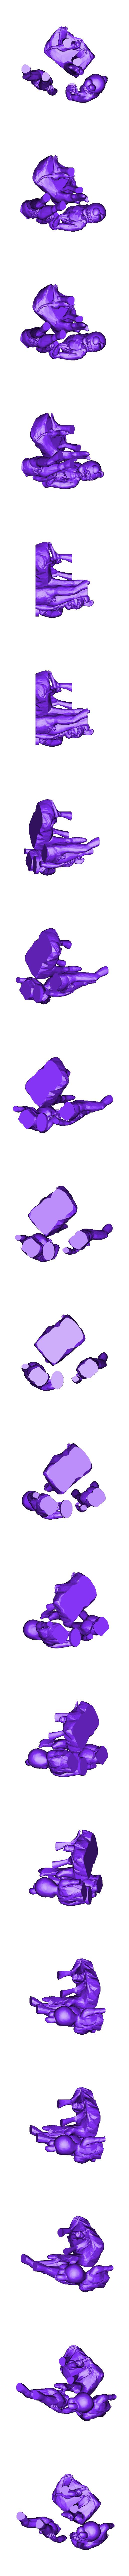 BunnyDaveWithKittyPlate.stl Télécharger fichier STL gratuit Bunny Dave avec Kitty • Modèle pour impression 3D, Revalia6D